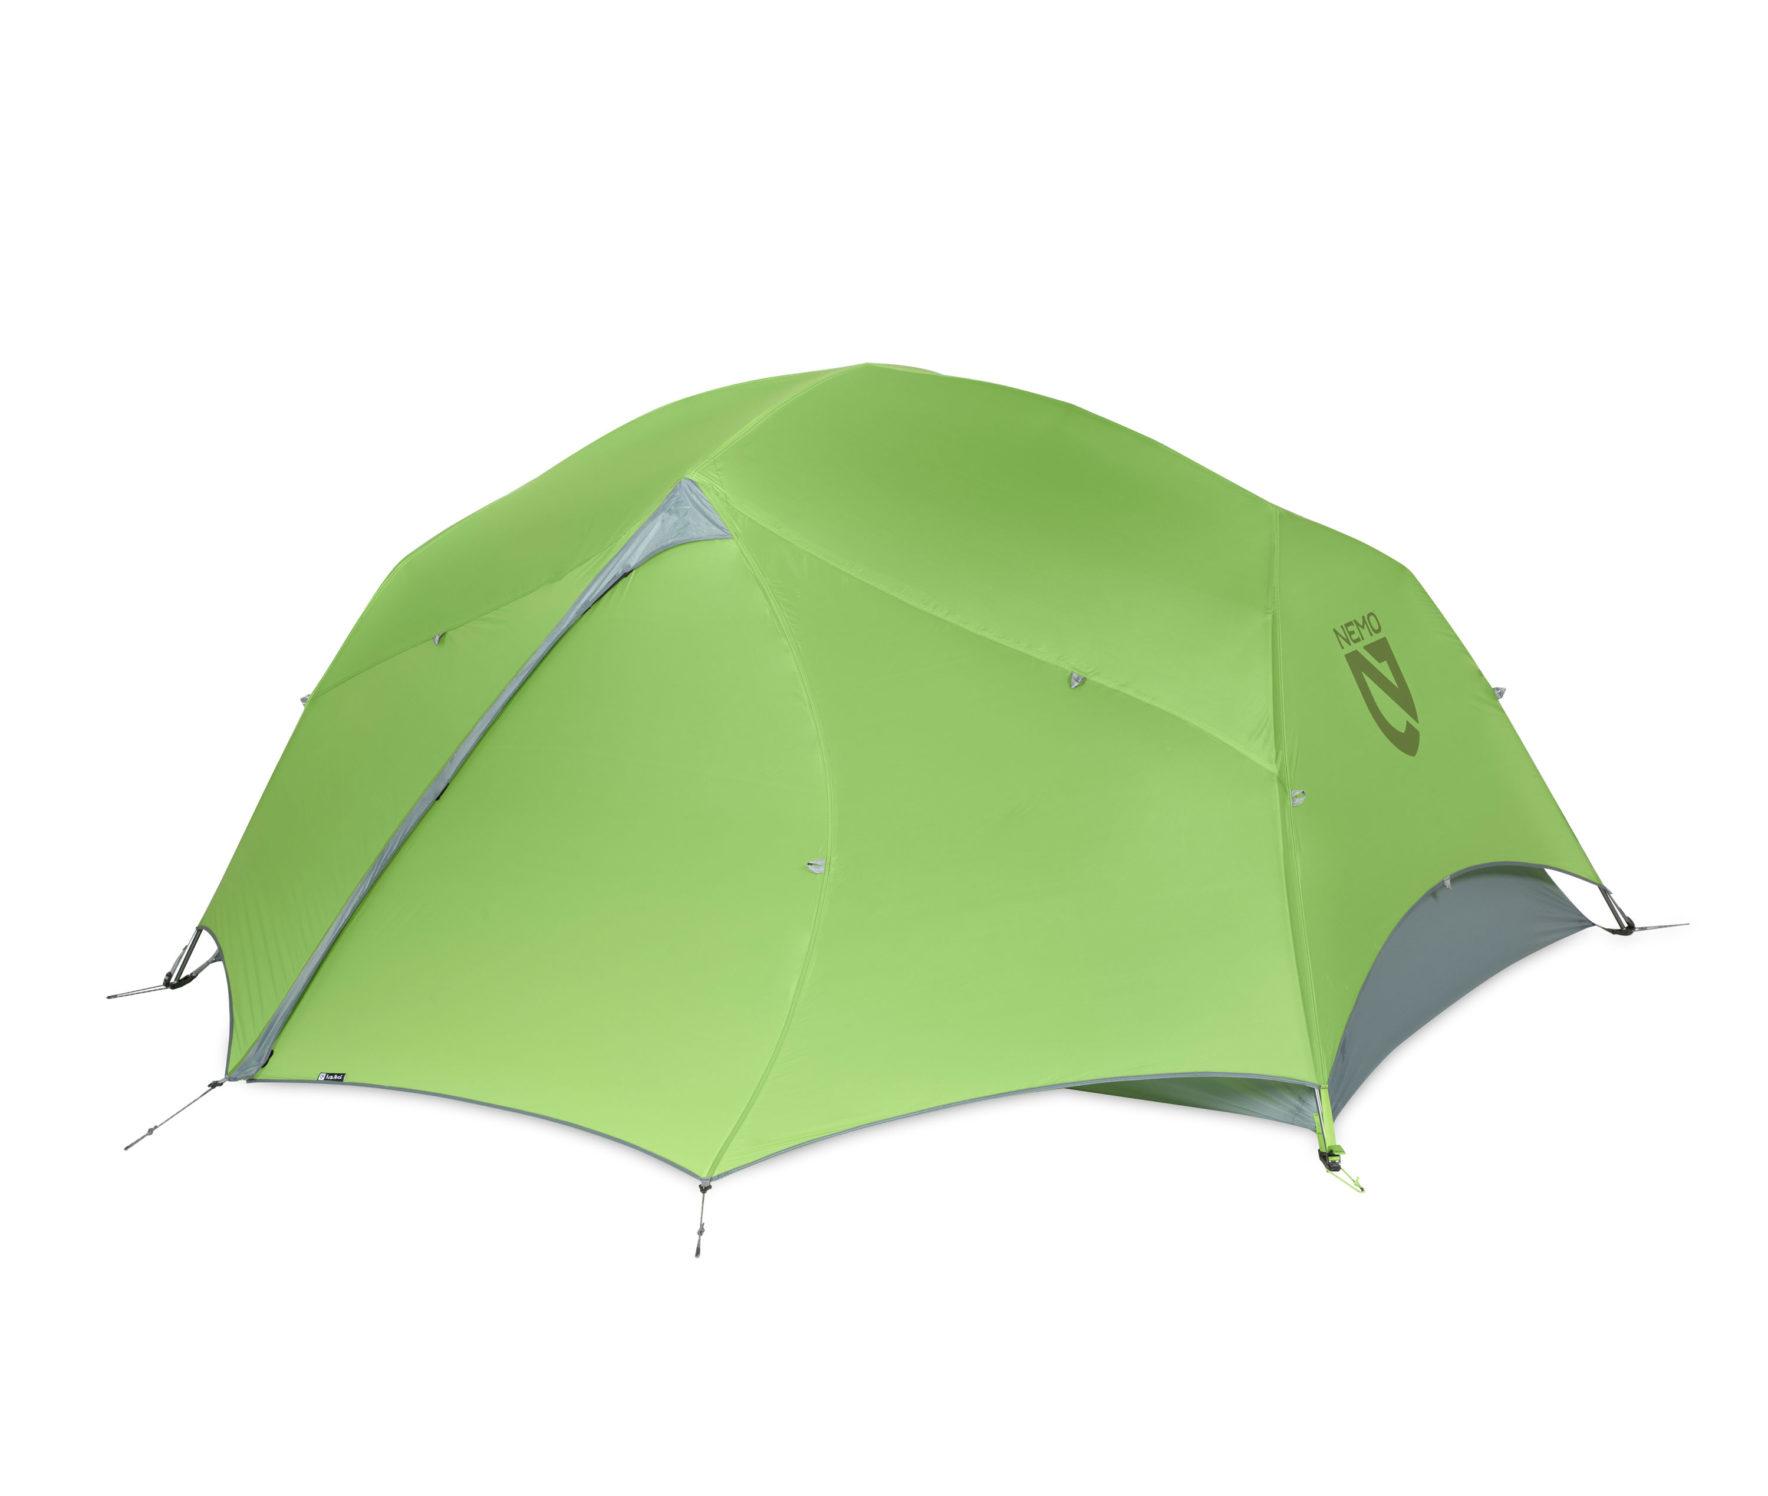 Nemo Dagger 2P - Tent